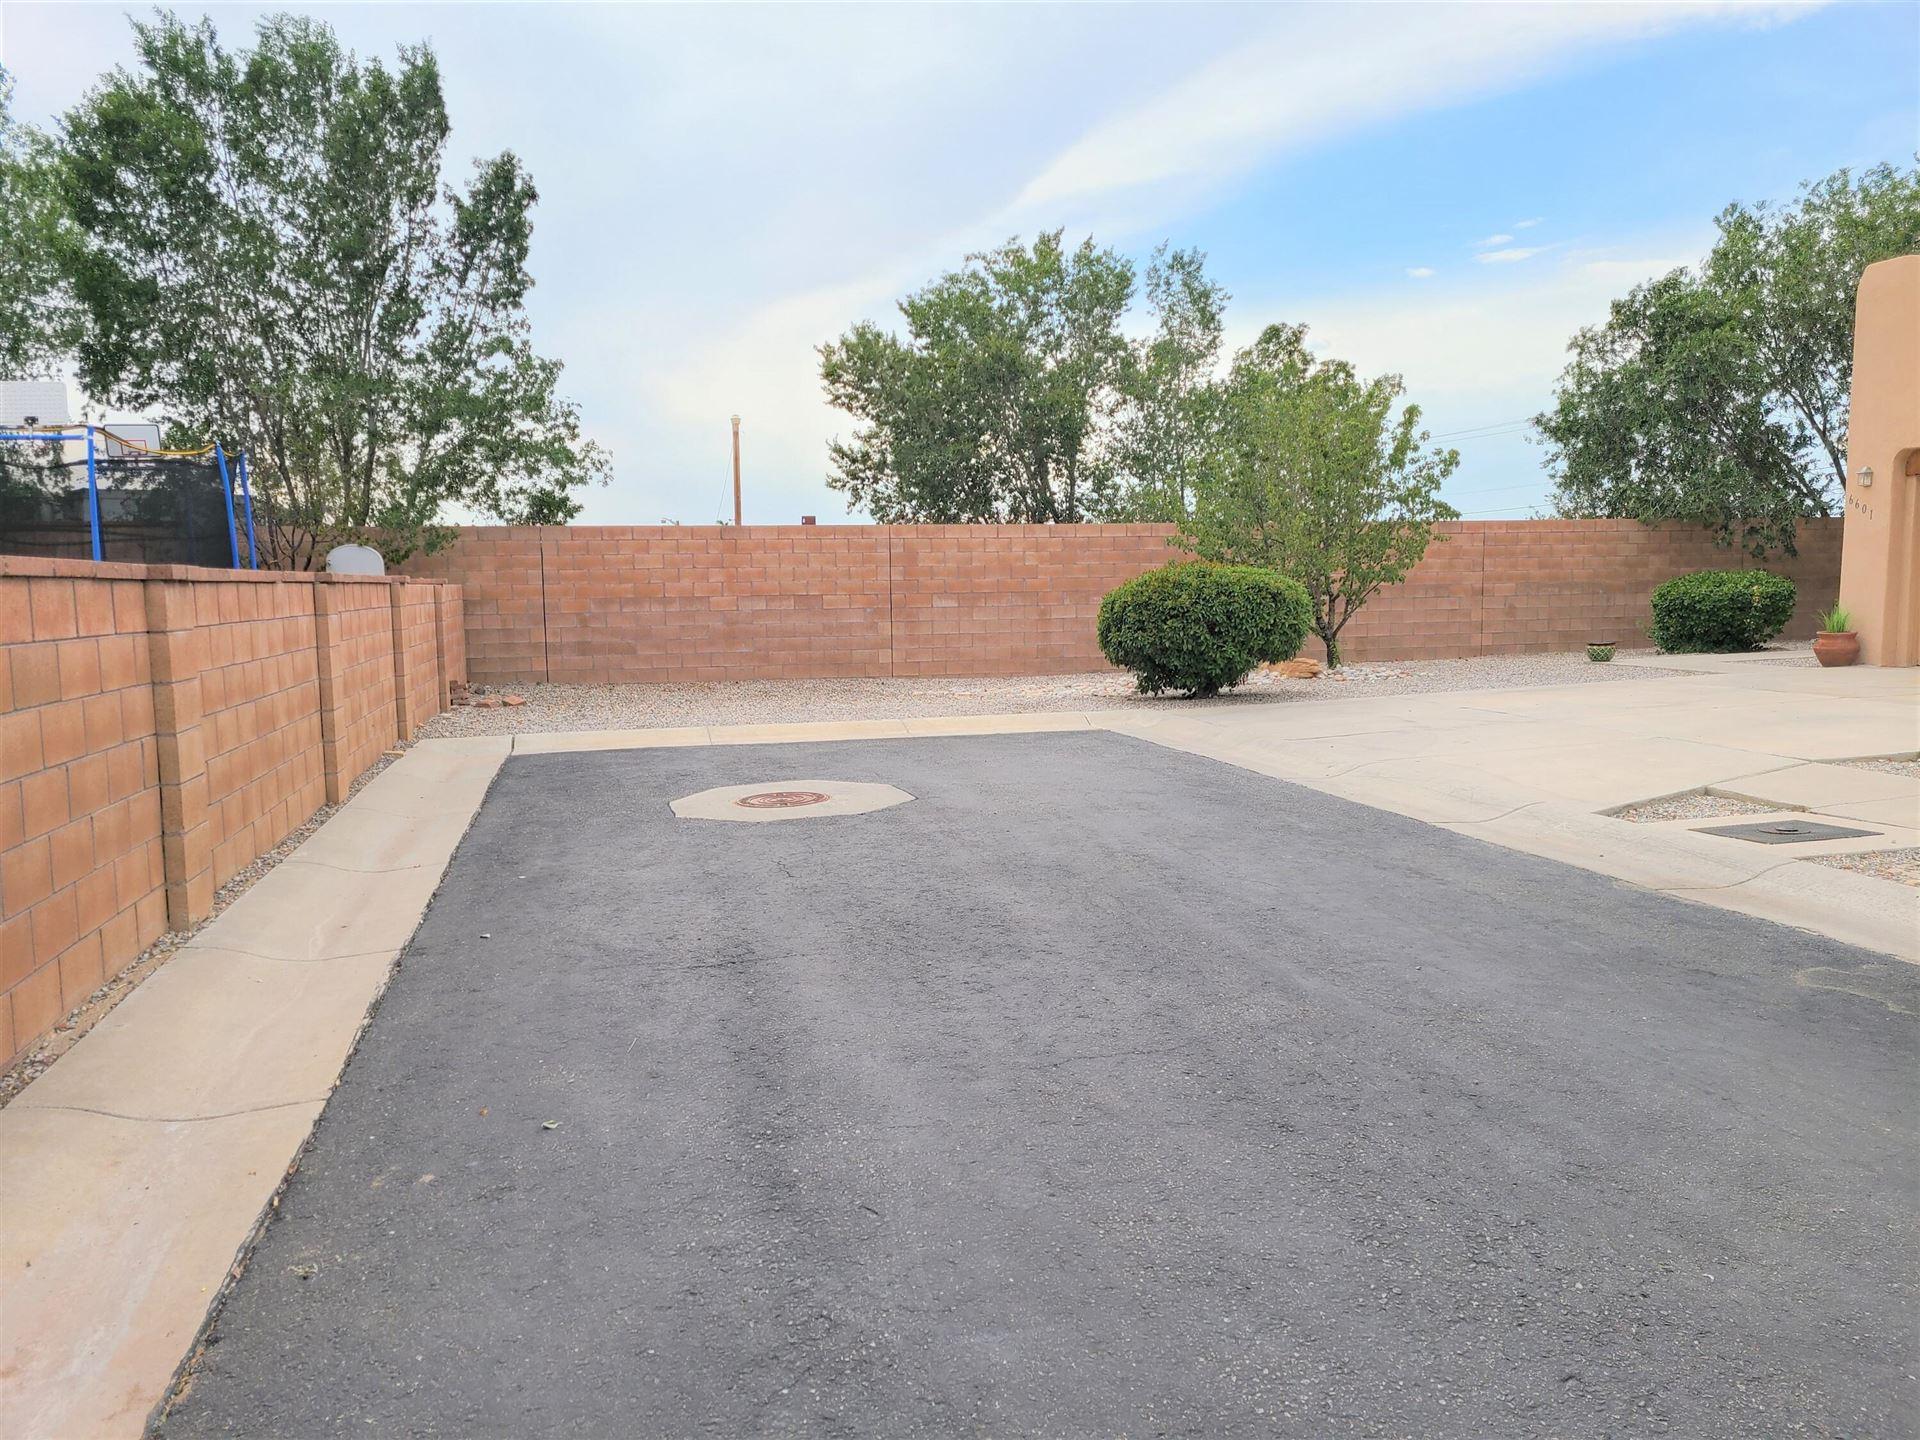 Photo of 6601 GLENTURRET Way NE, Albuquerque, NM 87113 (MLS # 999314)